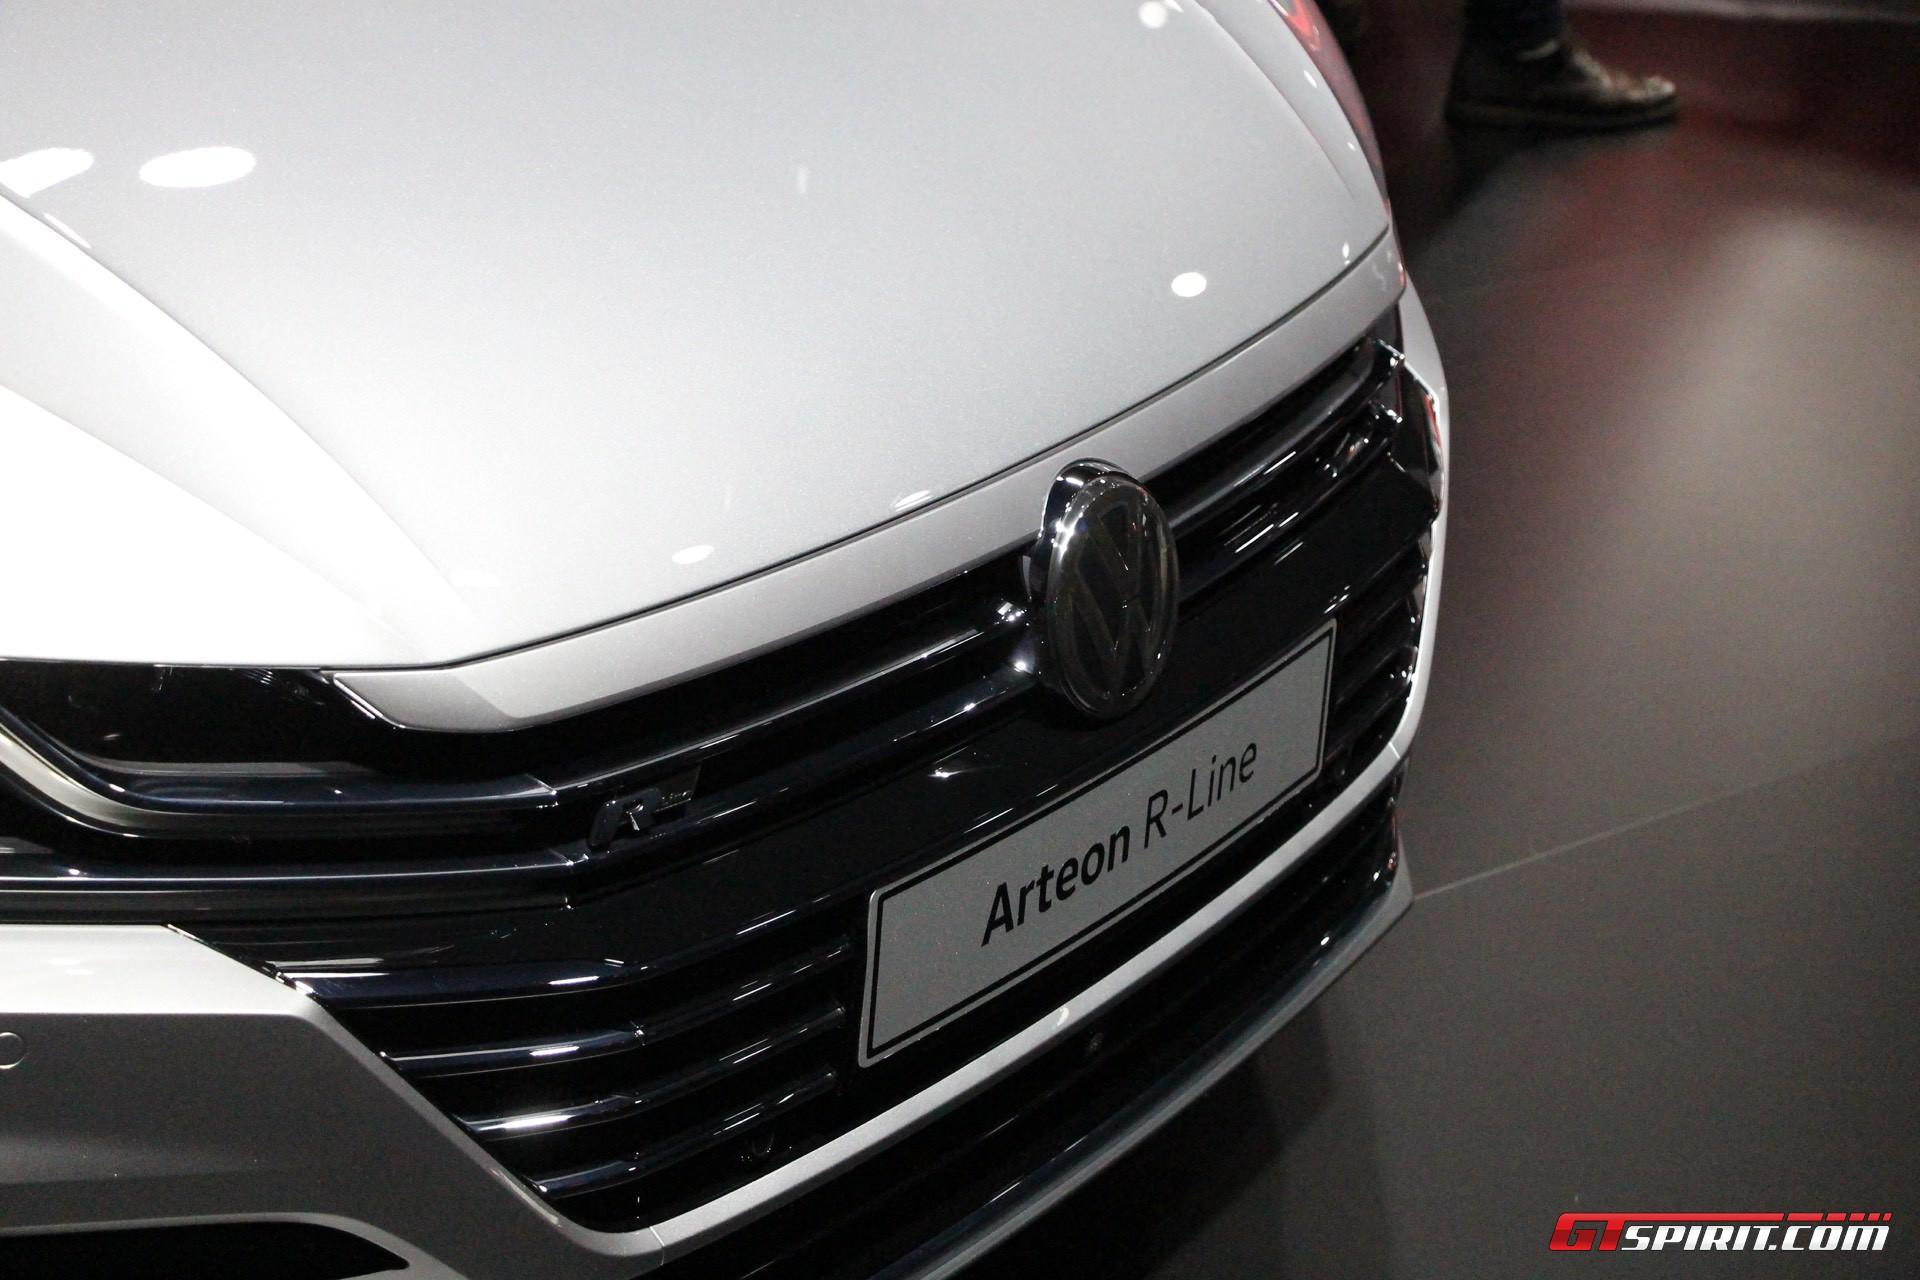 Geneva 2017: Volkswagen Arteon - GTspirit